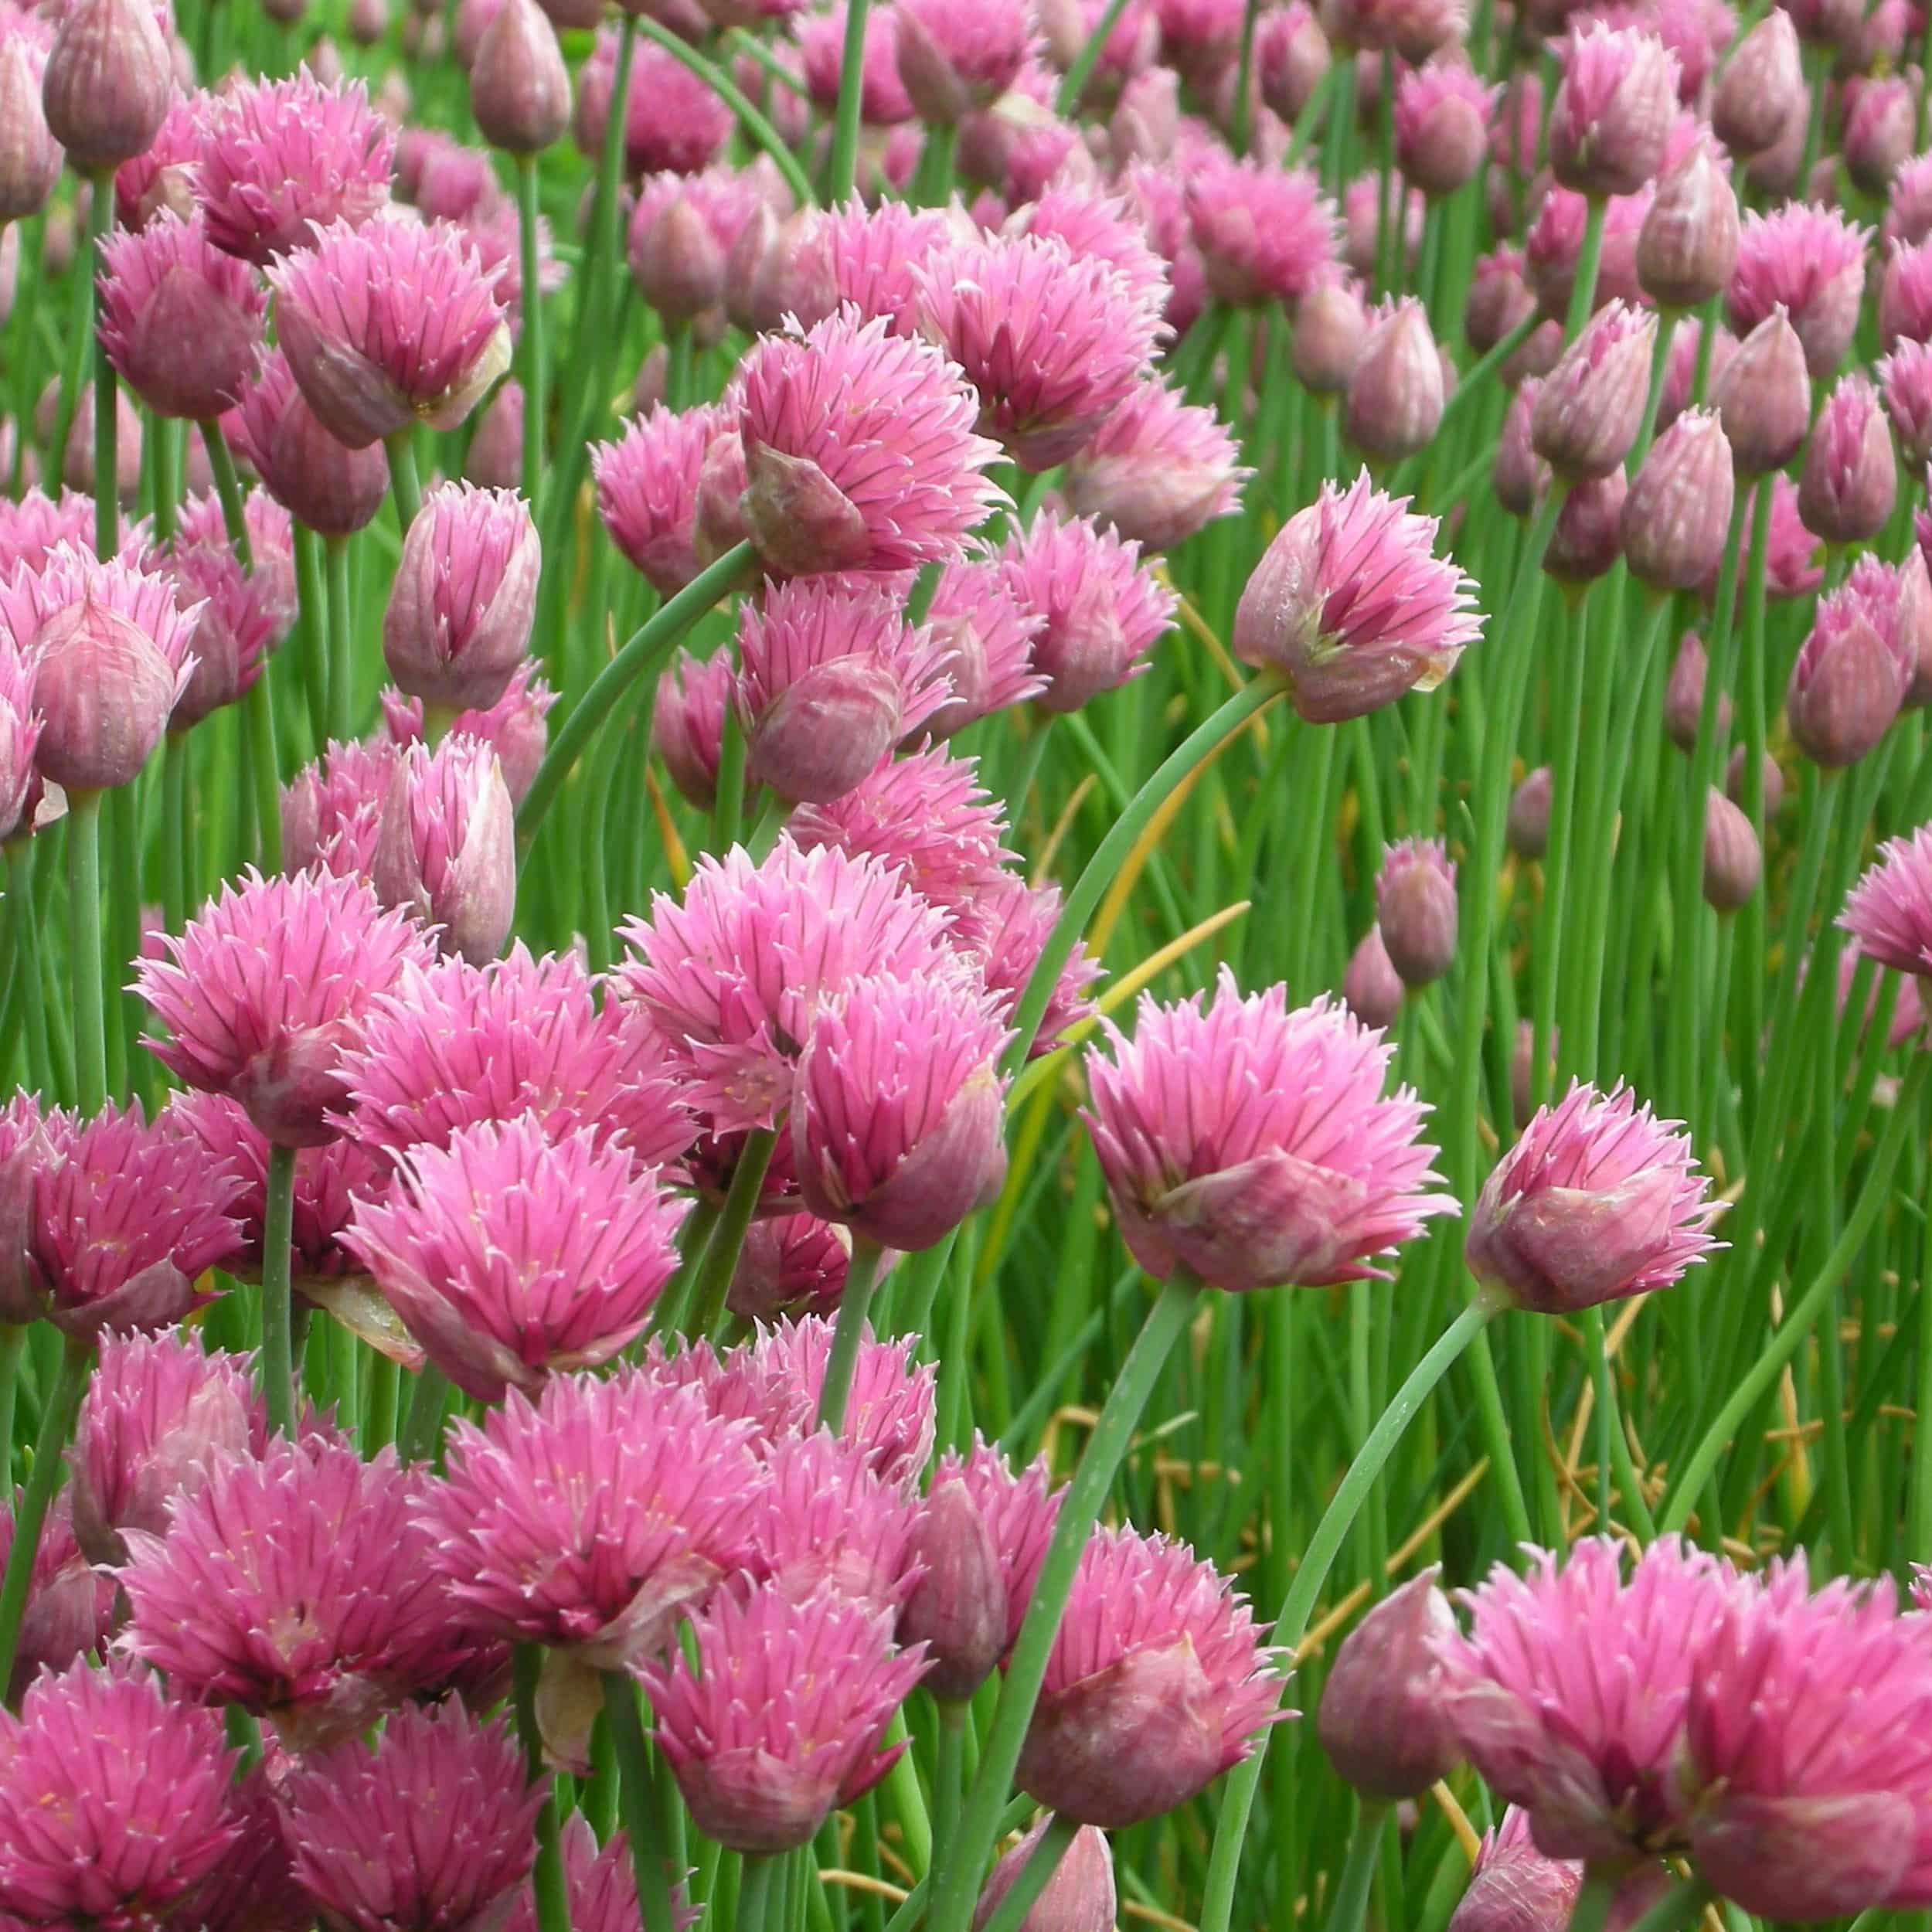 Allium schoenoprasum 'Forescate' - Zier- und Gewürzschnittlauch